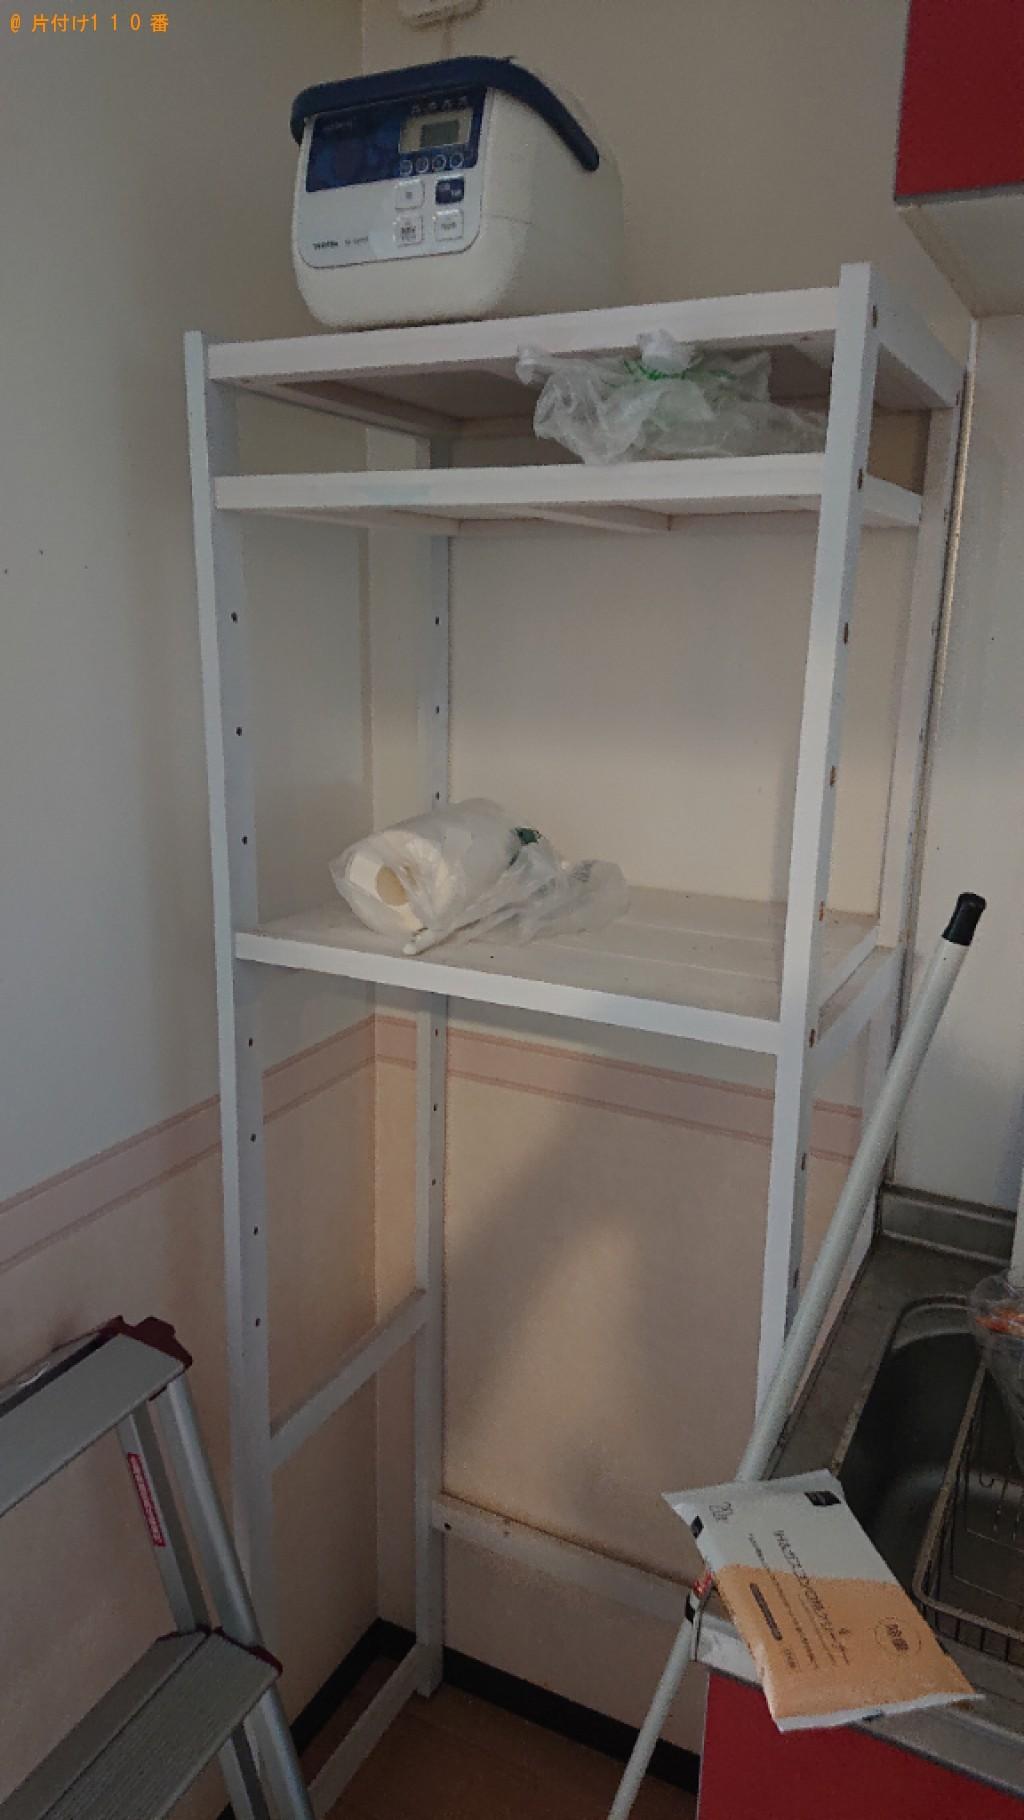 【仙台市】洗濯機、クローゼット、テレビ台、レンジ台等の回収・処分